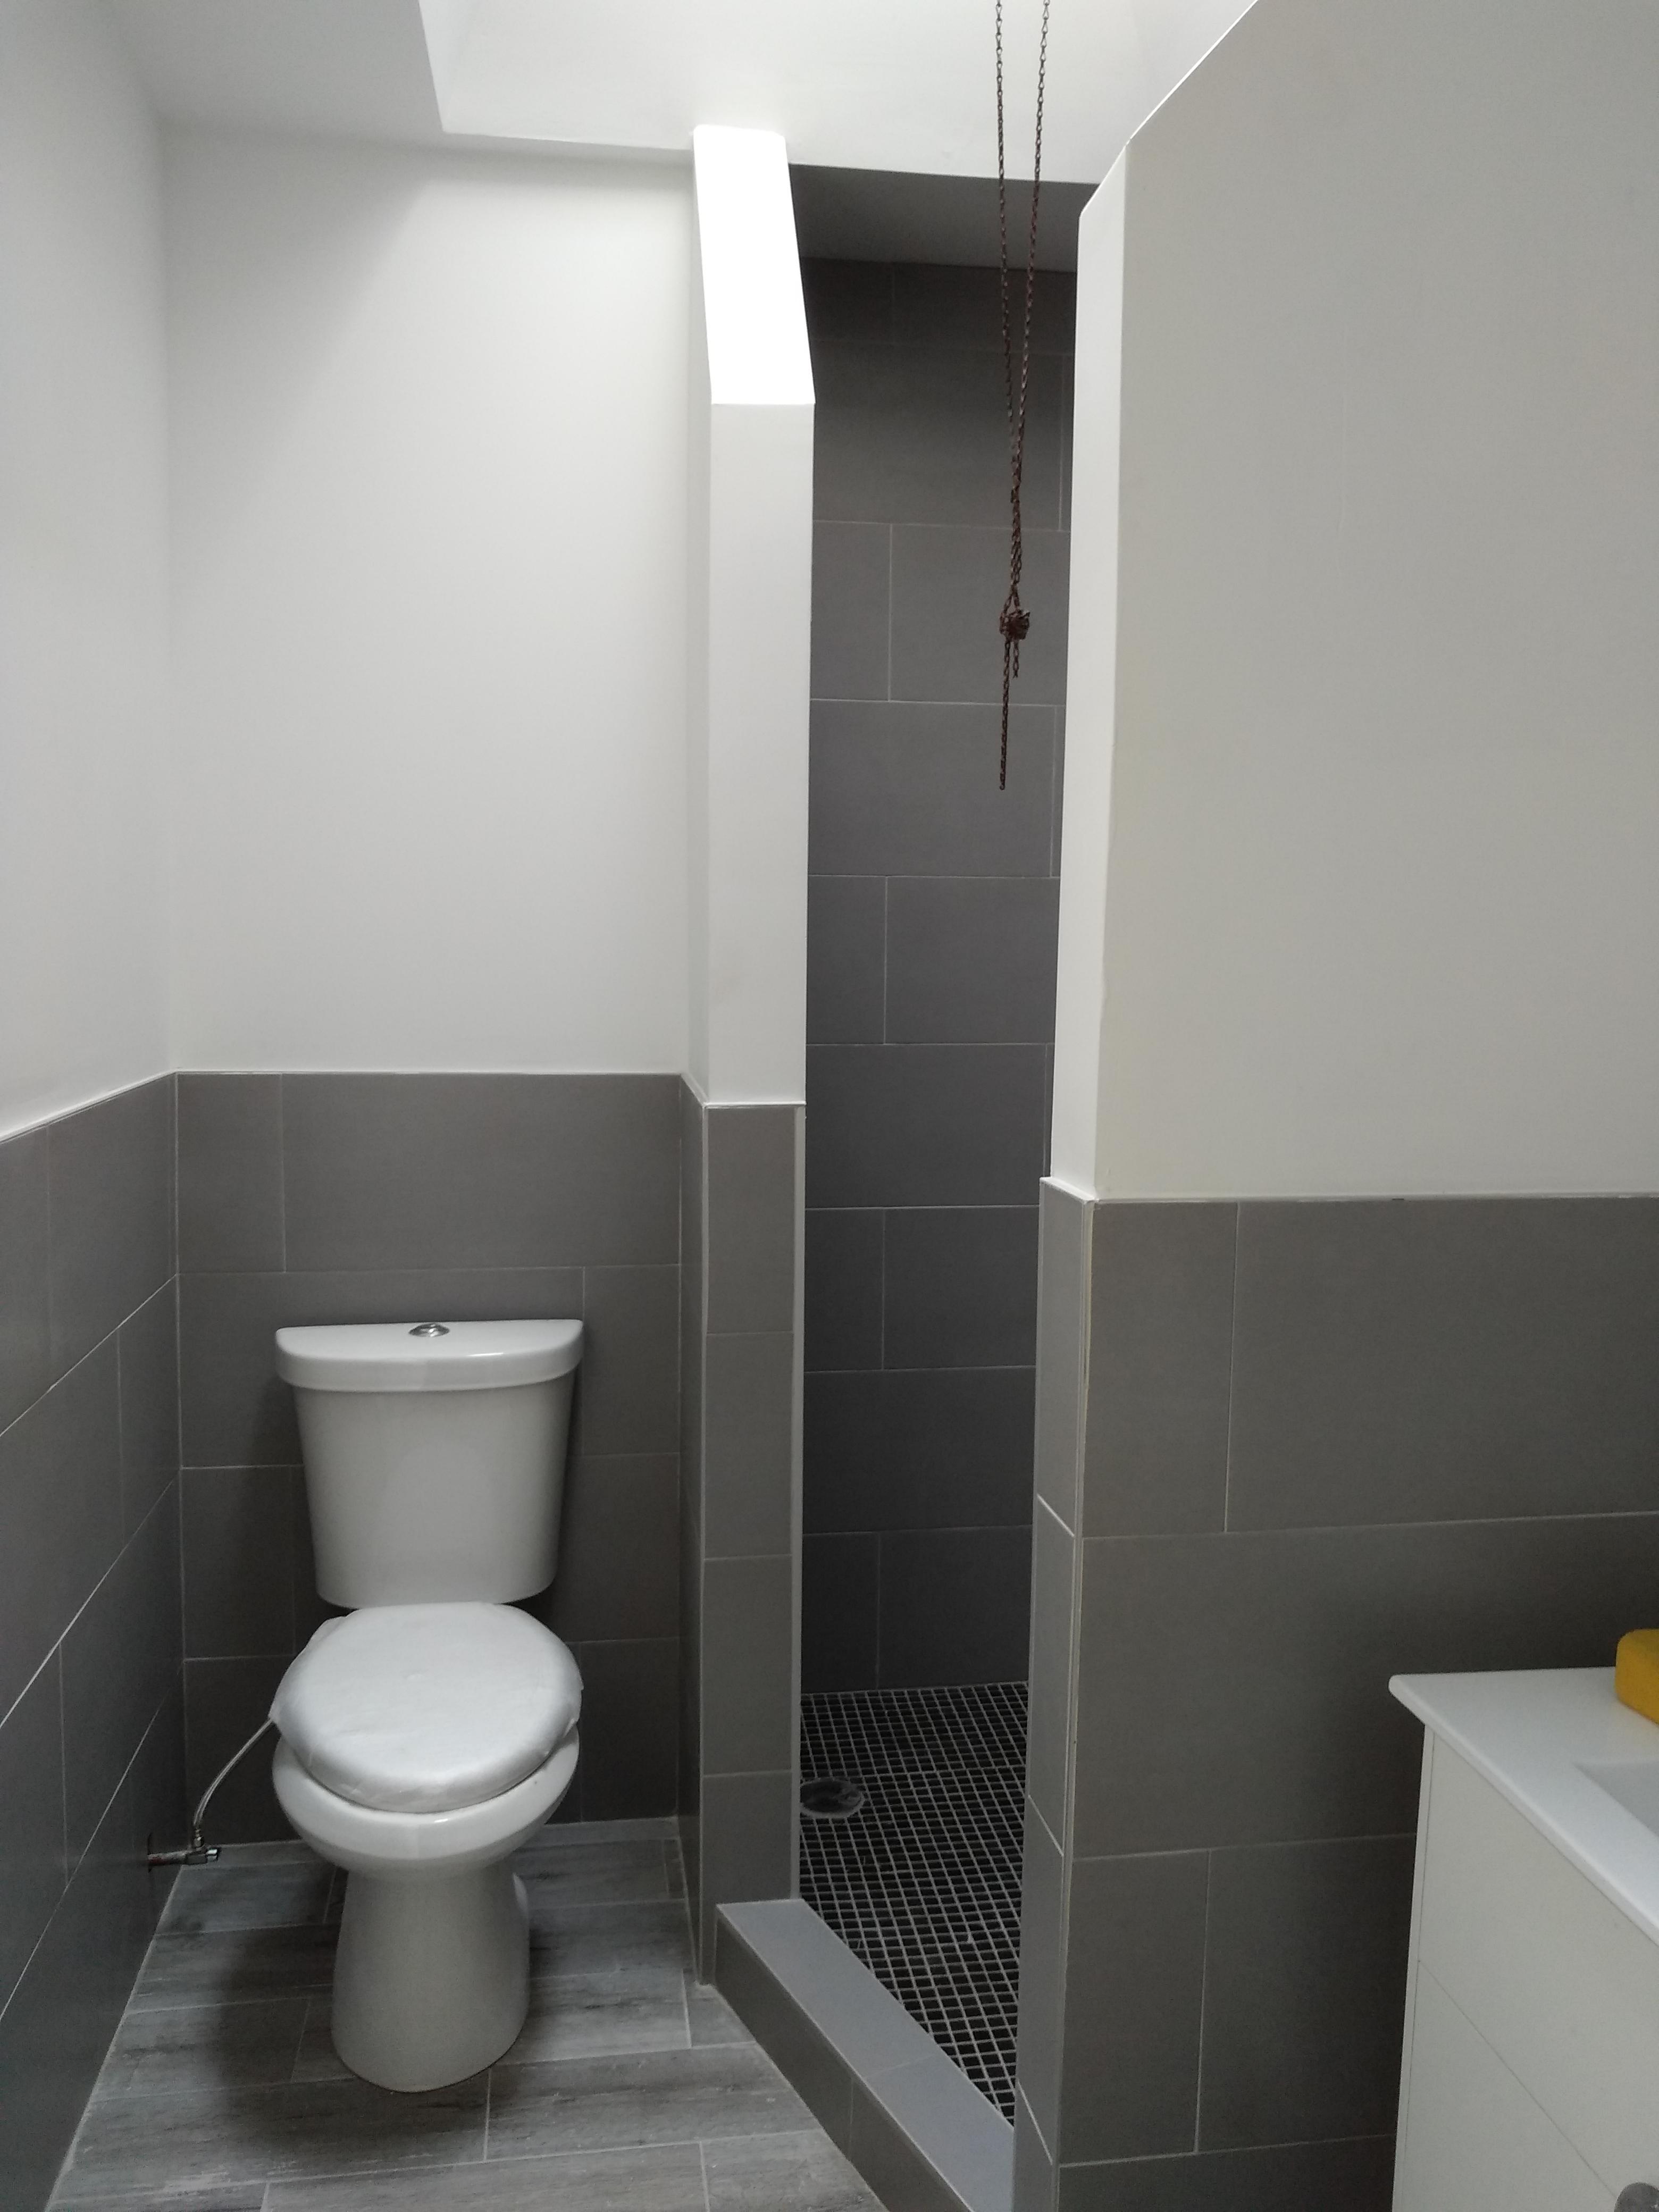 2nd fl. bathroom